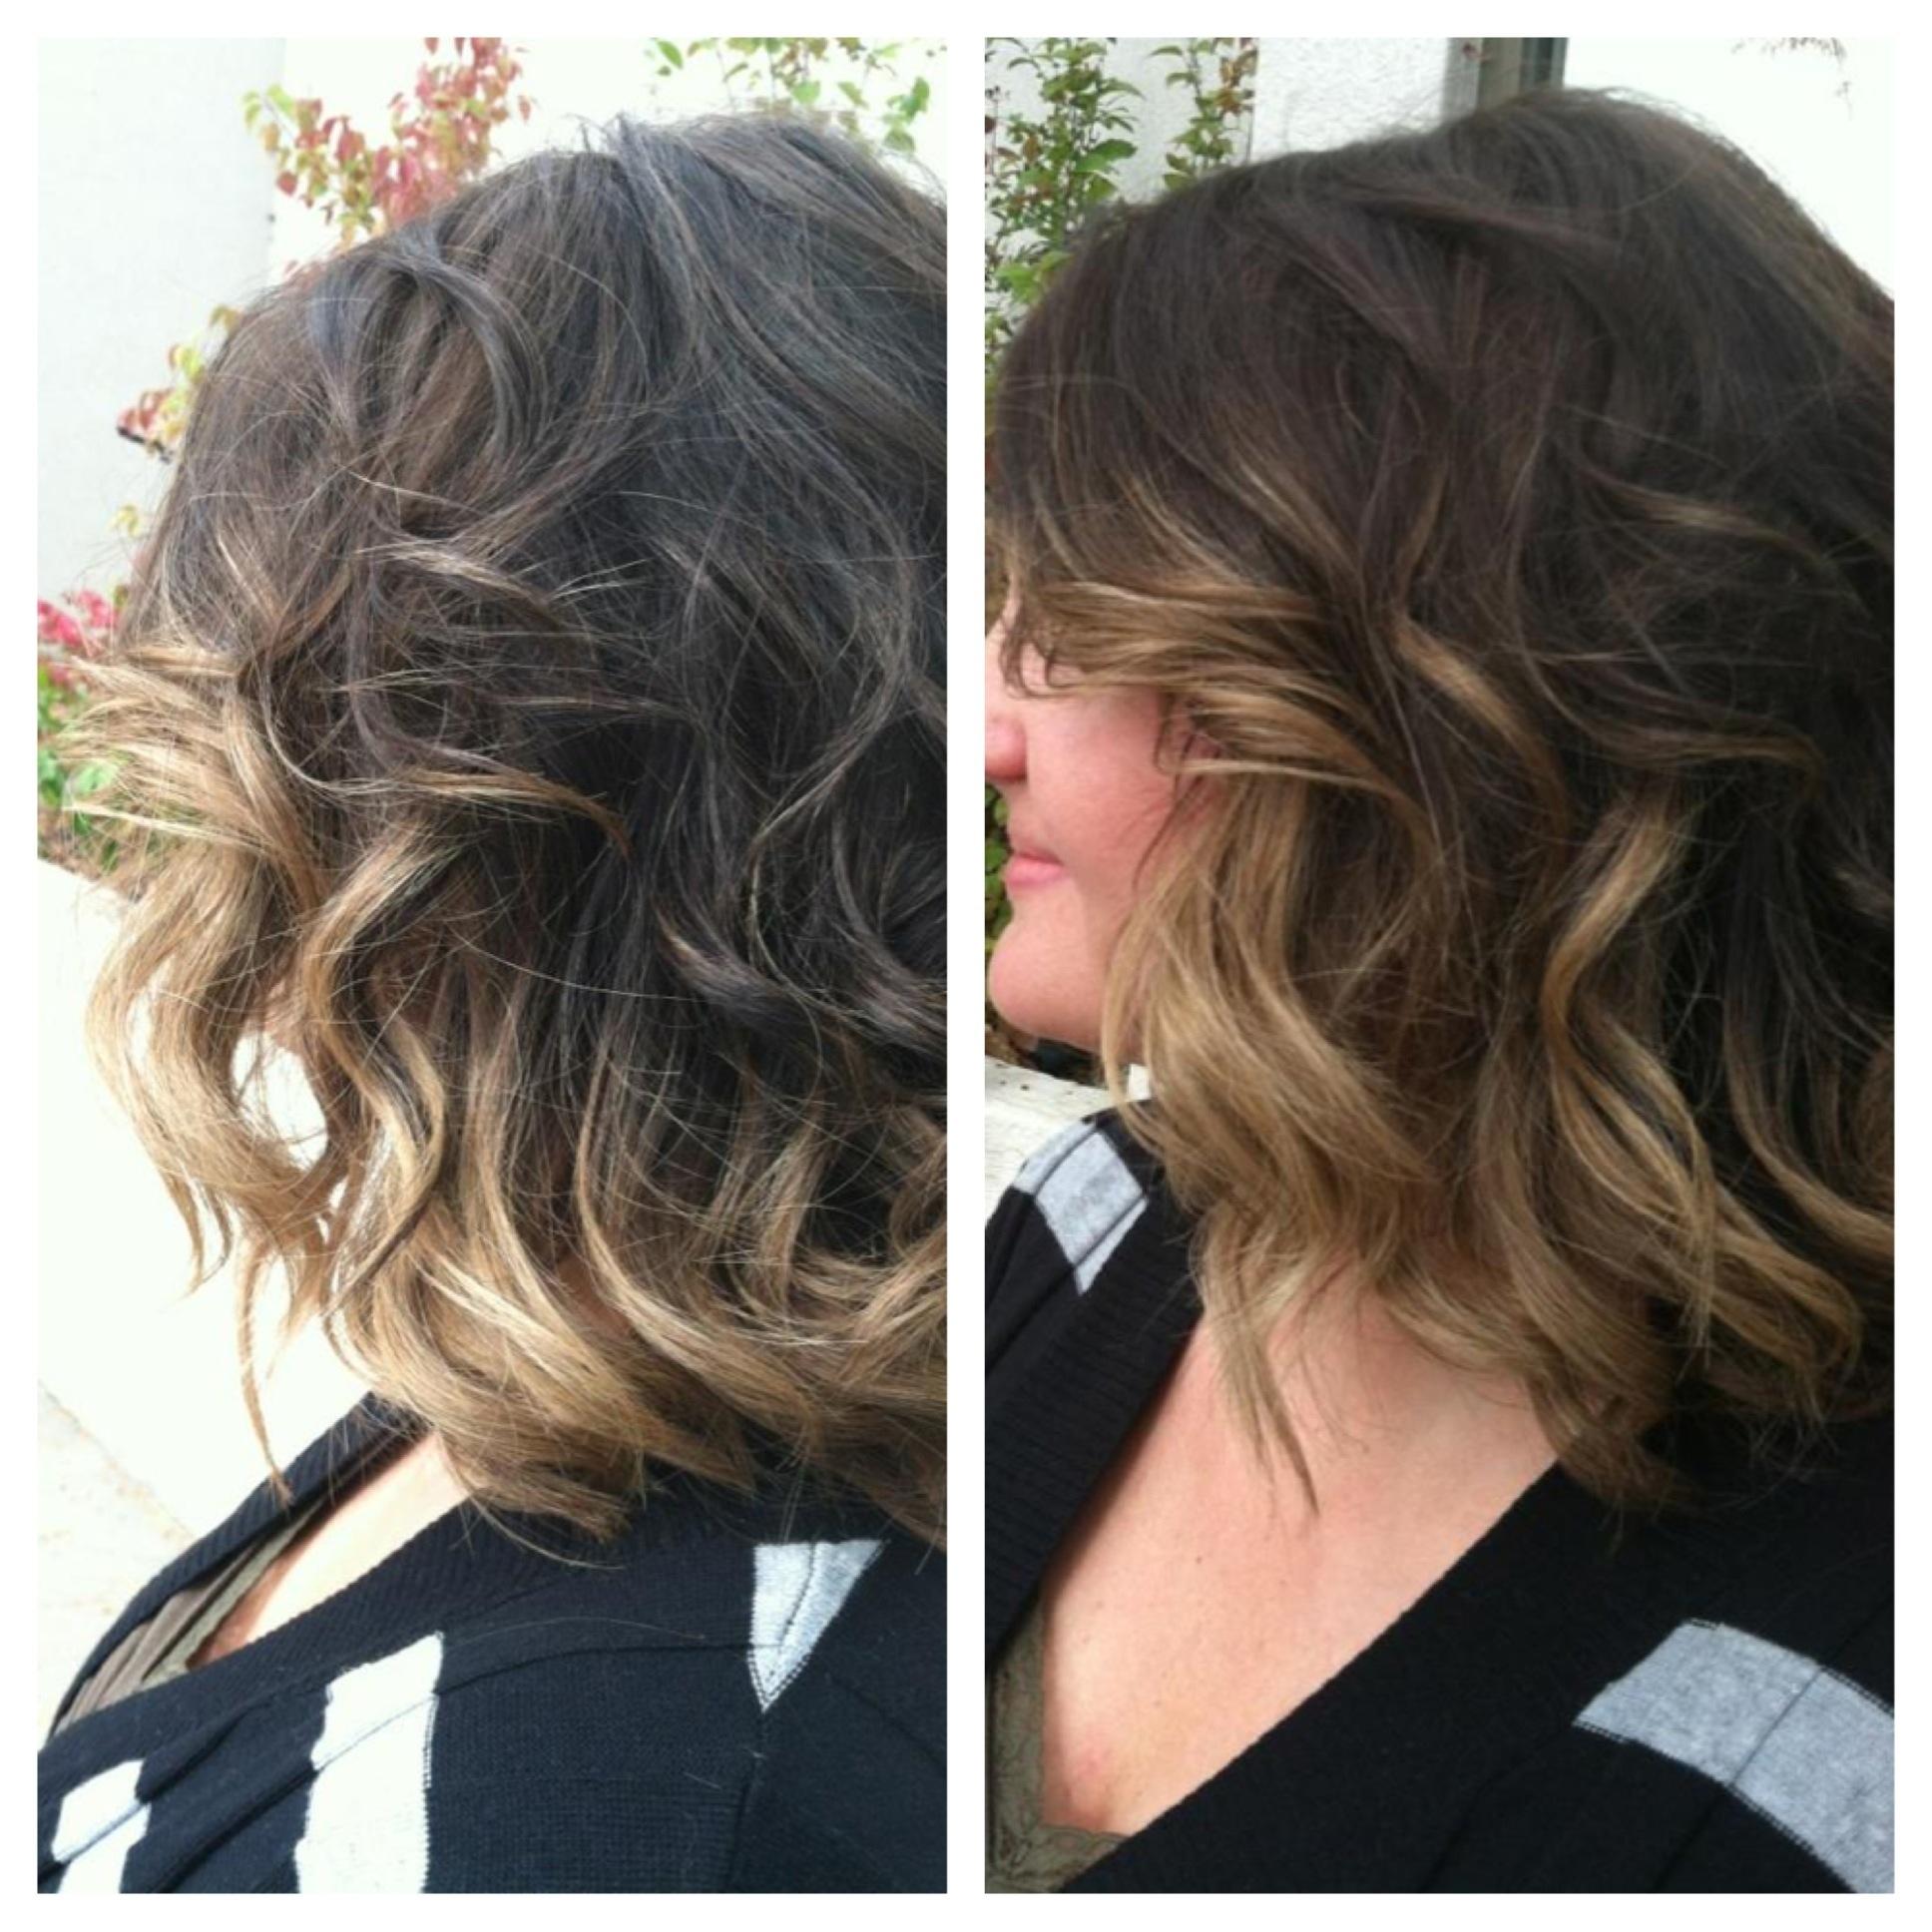 Short Ombre HairByJerika